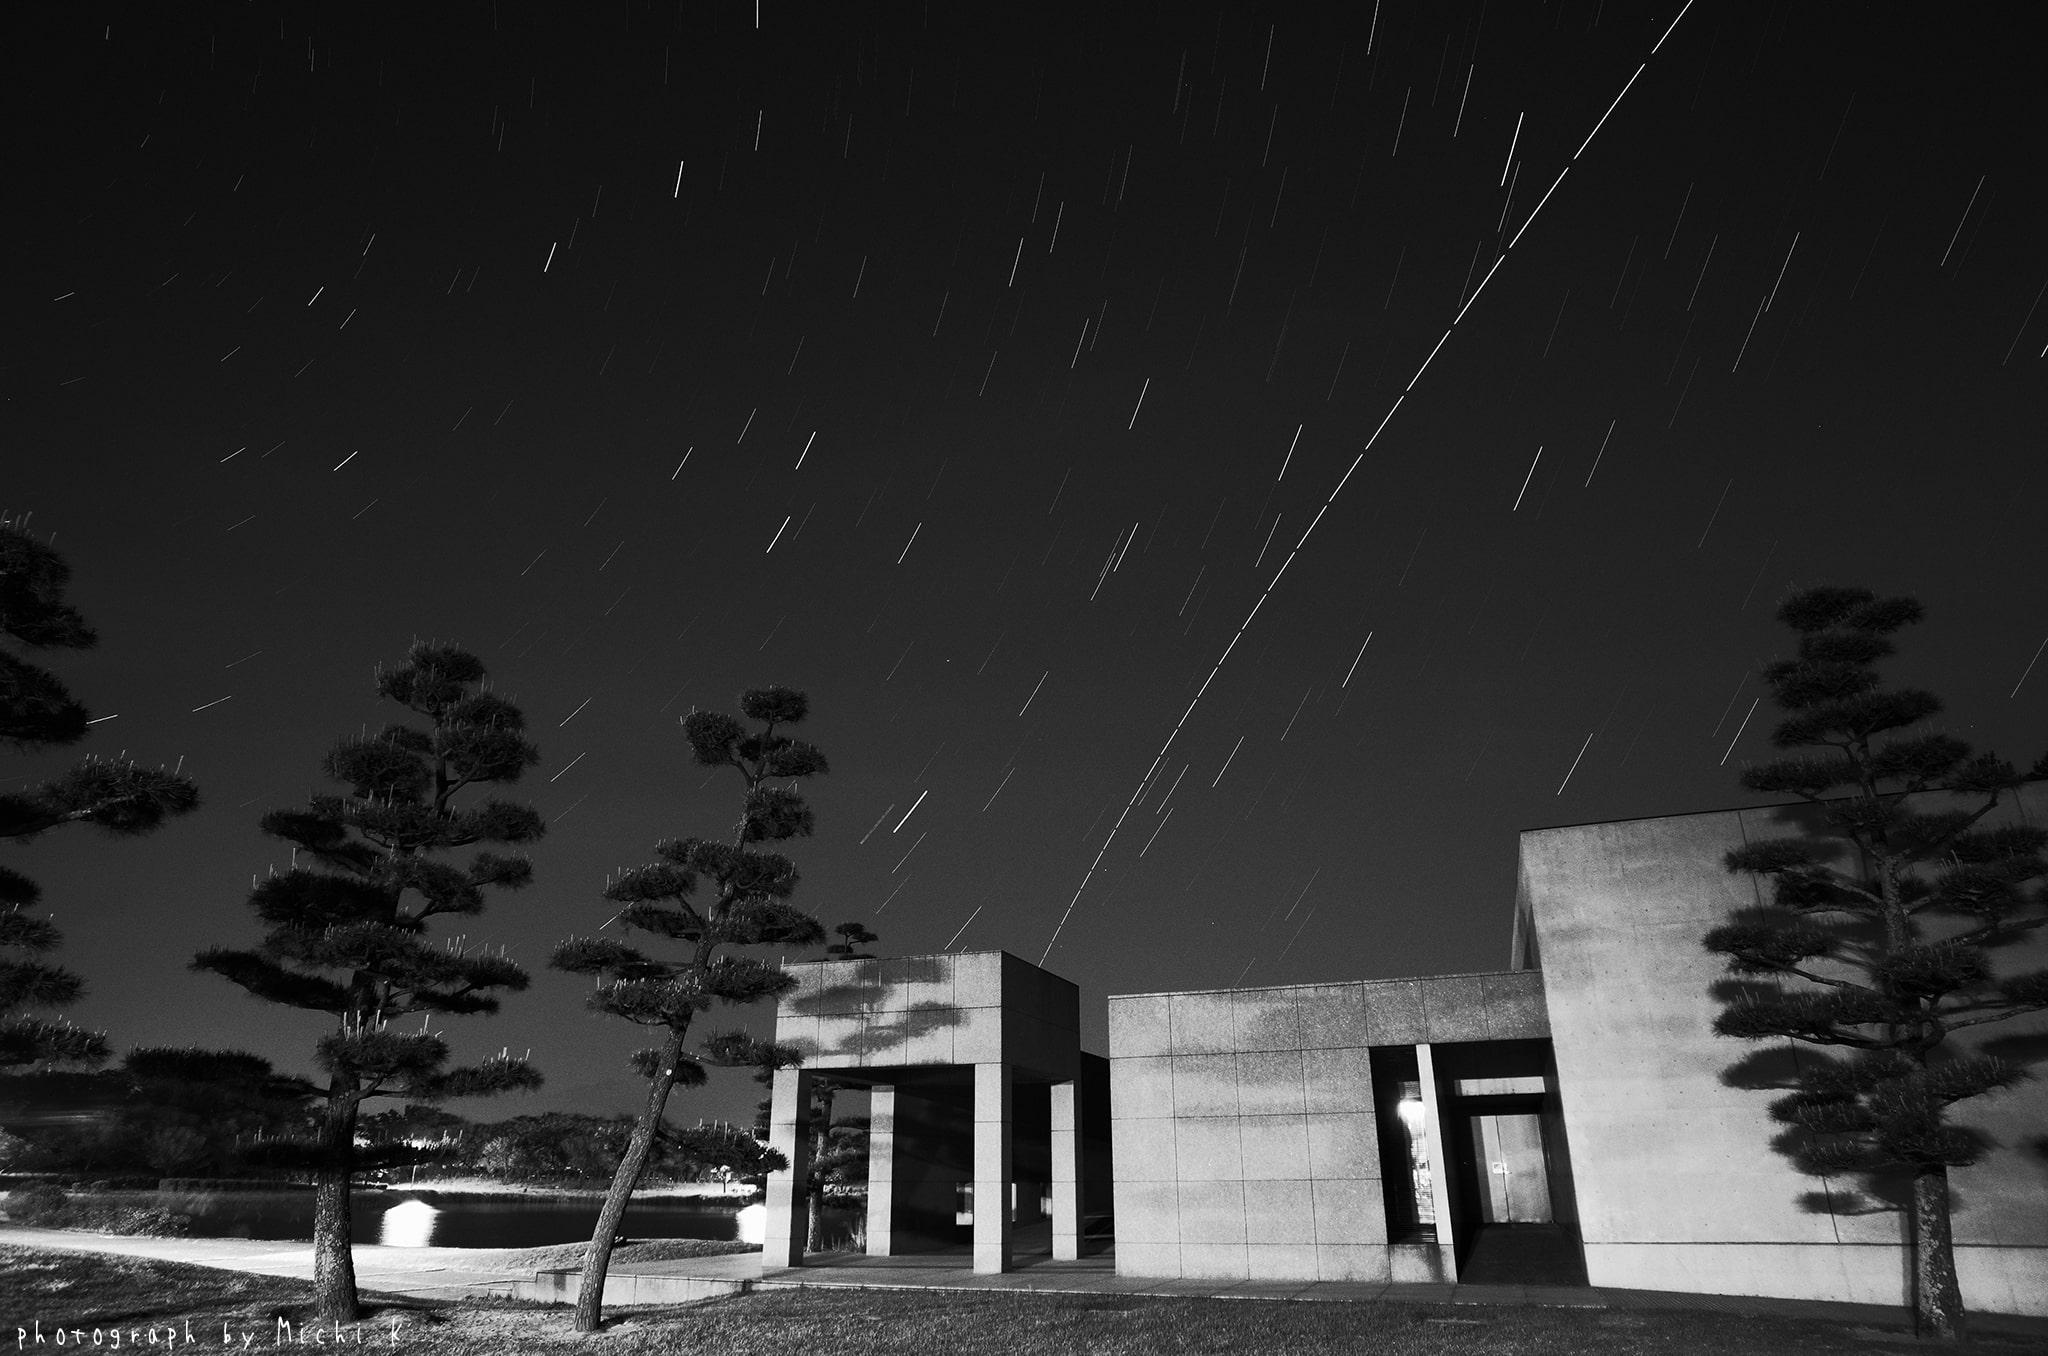 「きぼう」の軌跡 2019年5月19日-モノクロ